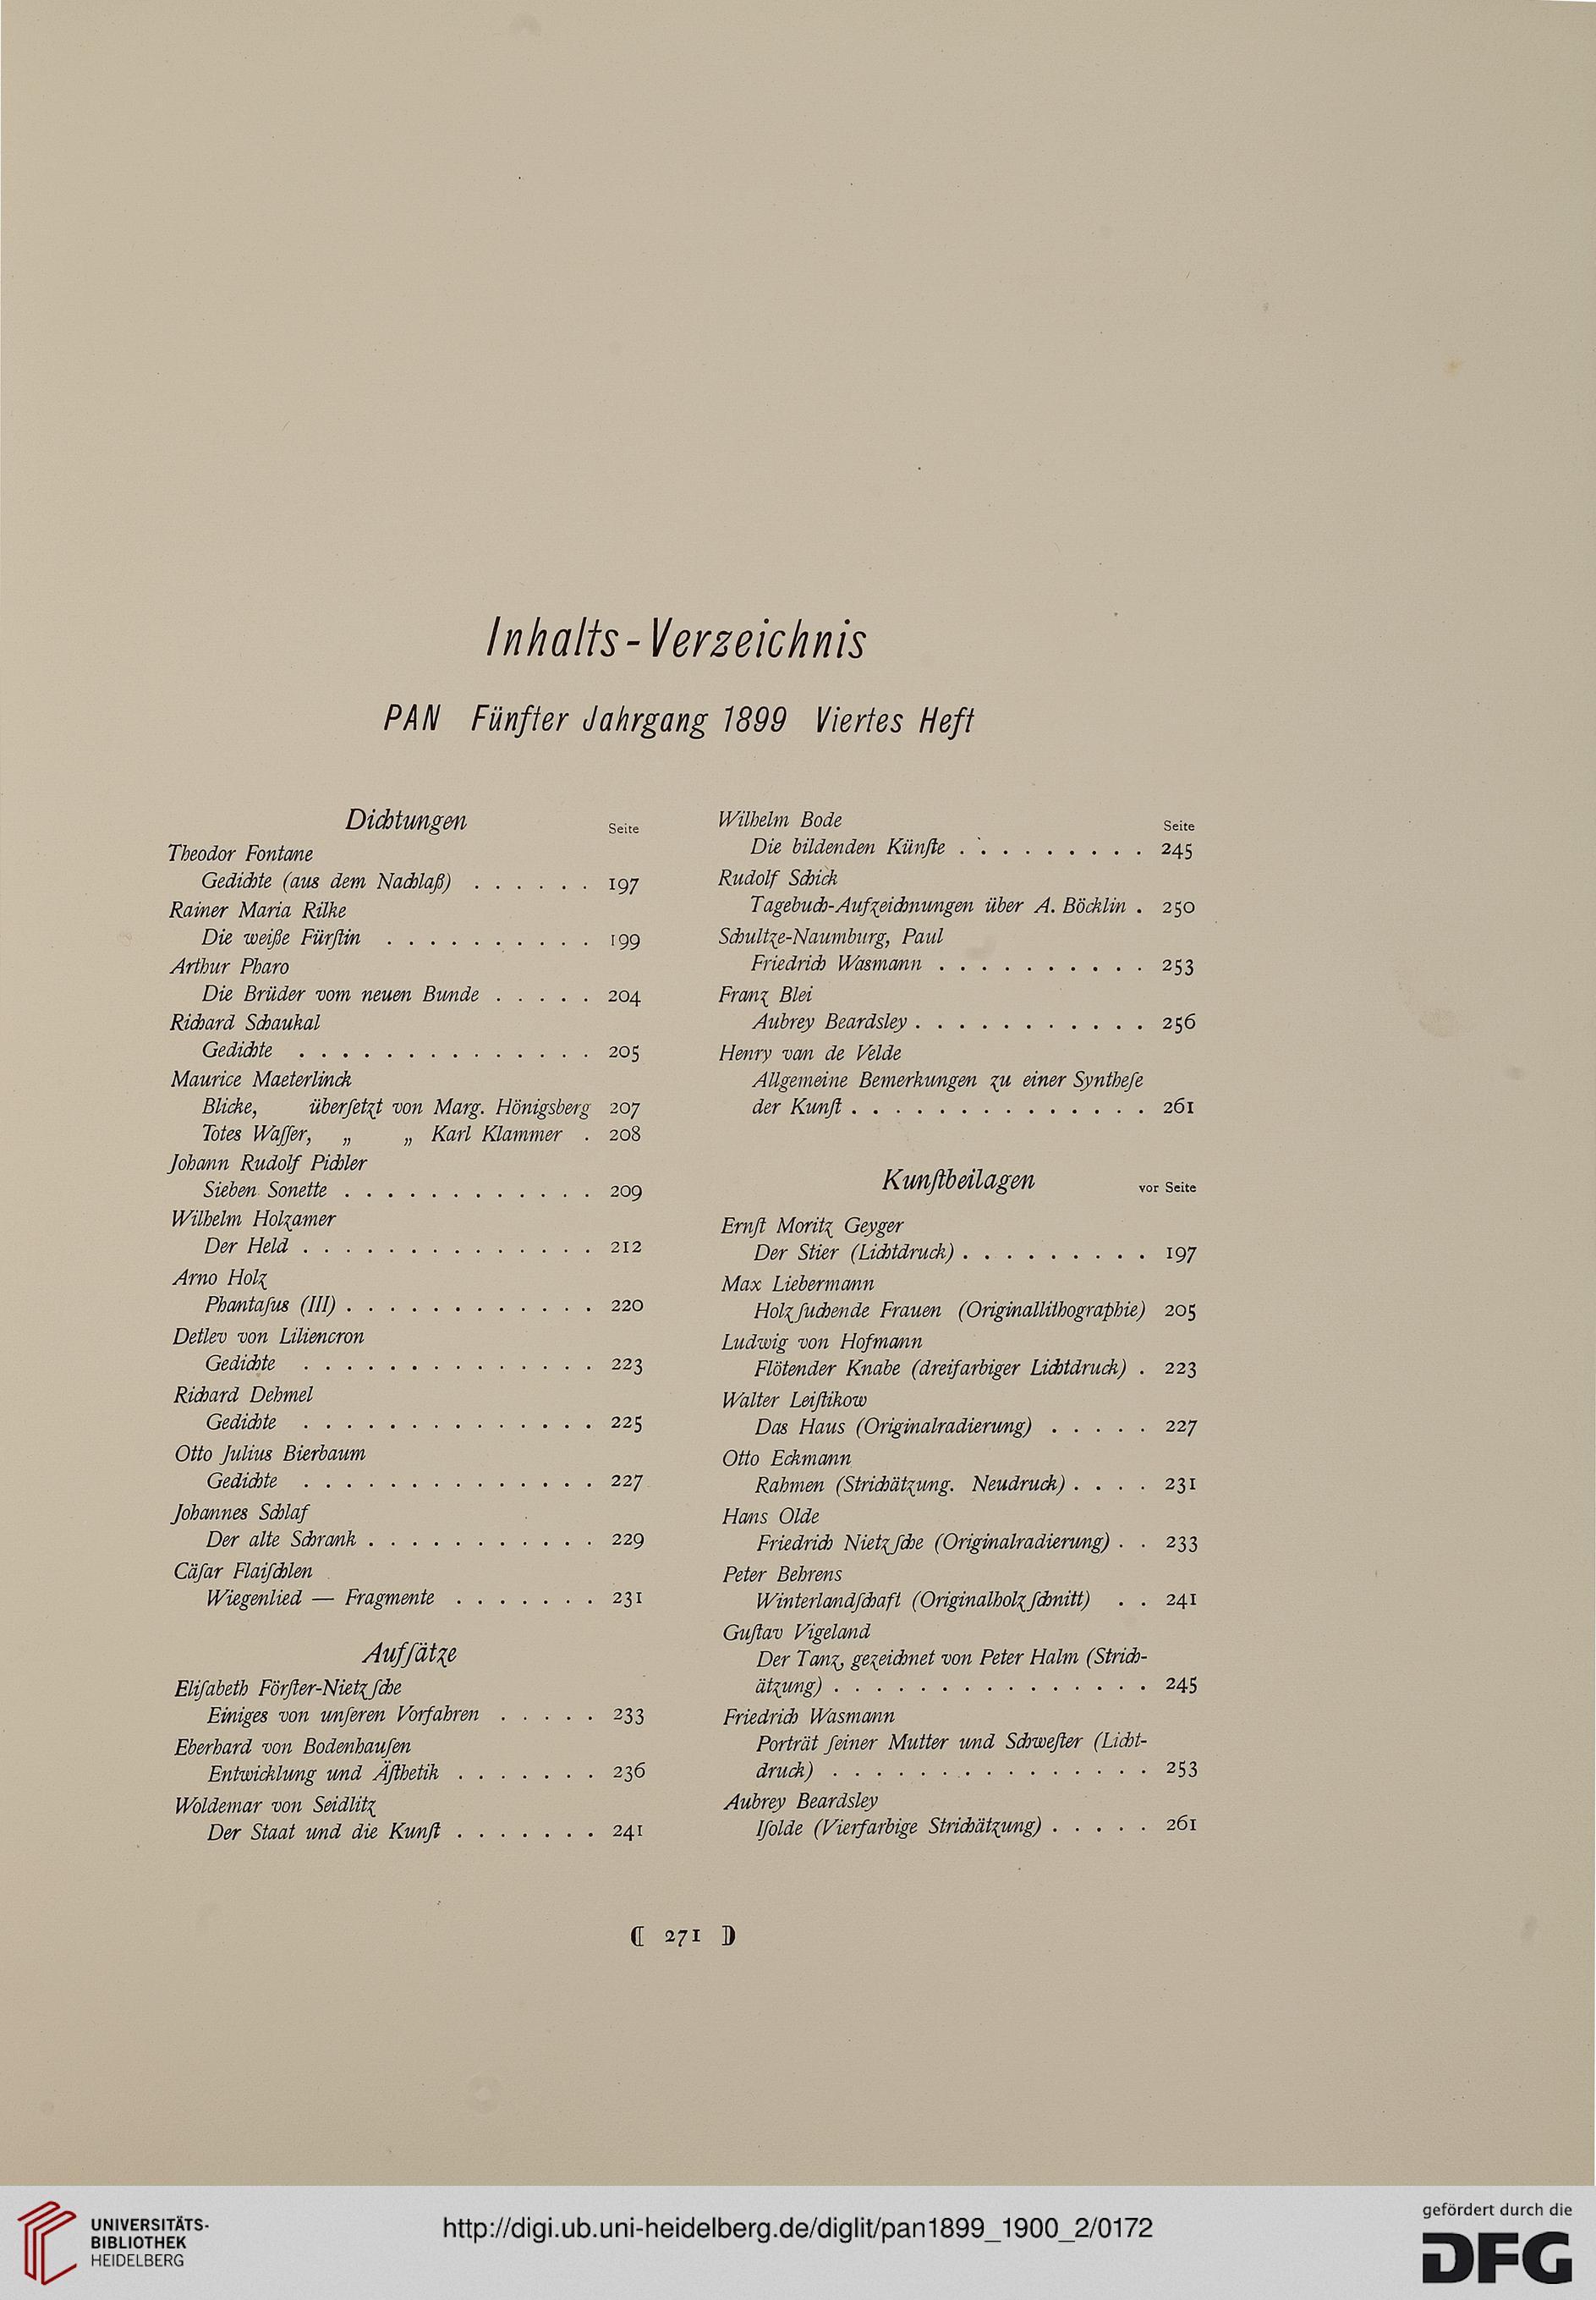 Pan <Berlin> (5.1899-1900 (Heft III und IV))